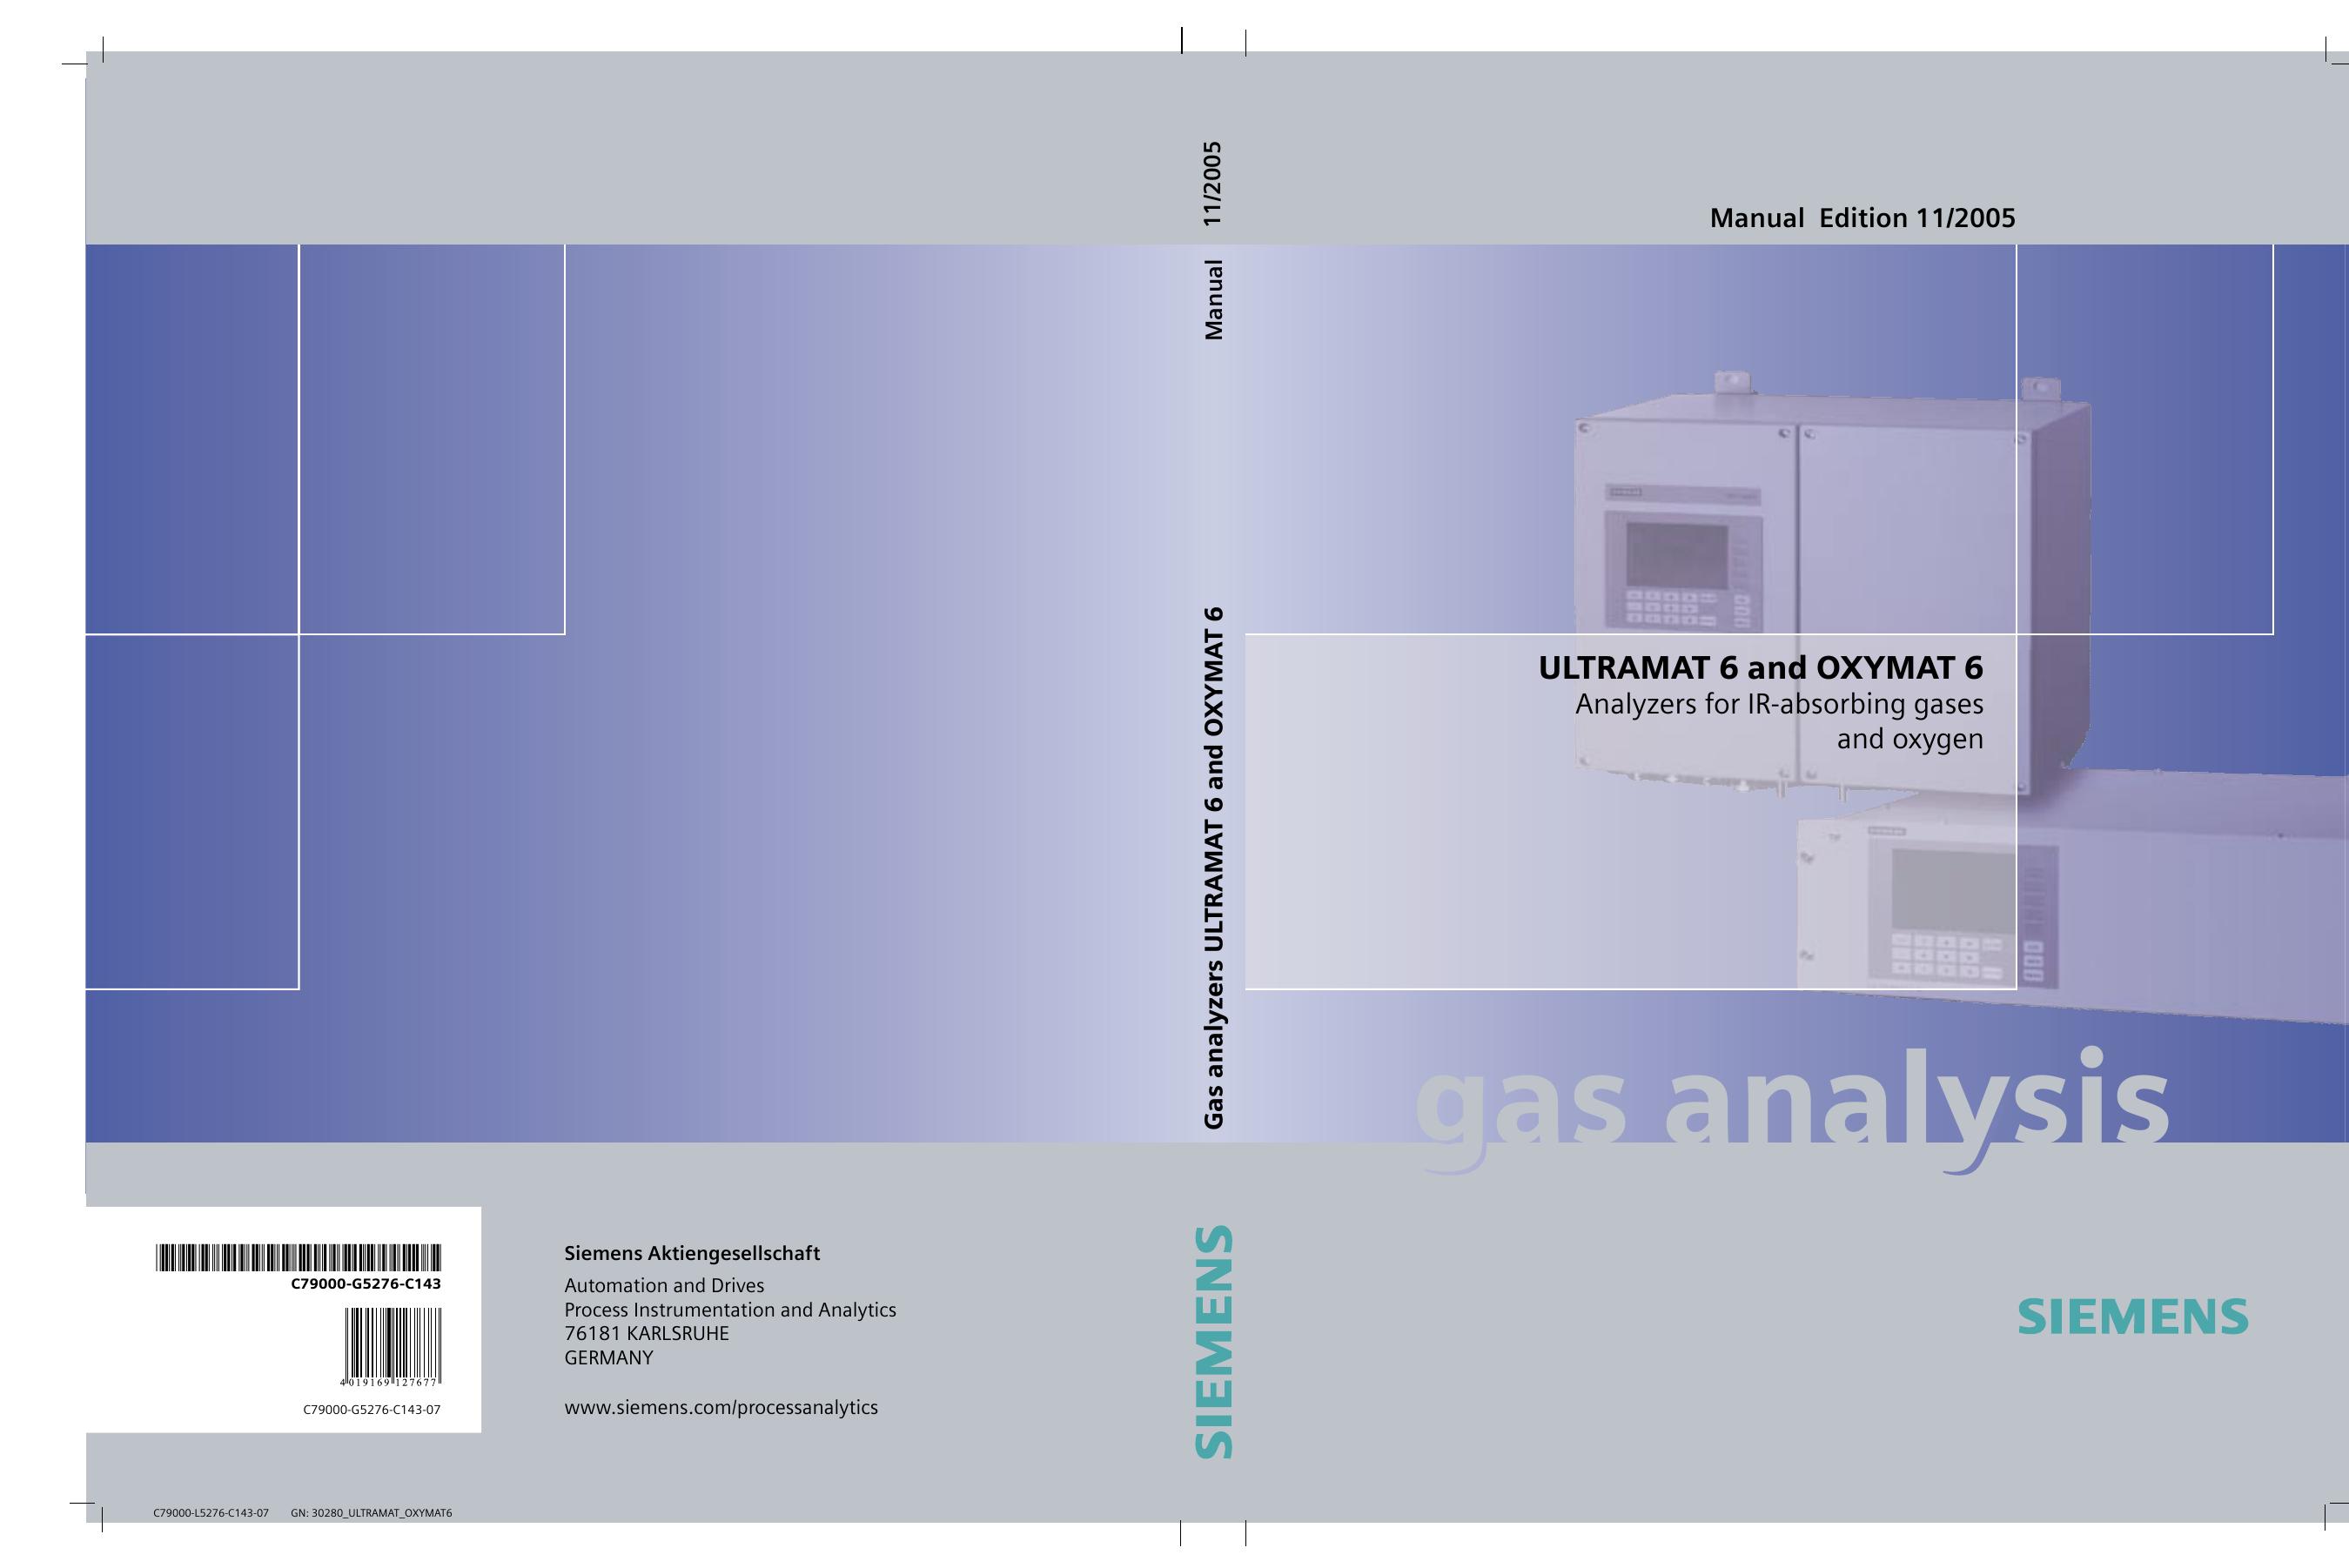 Fidamat 6 catalog specification sheet.